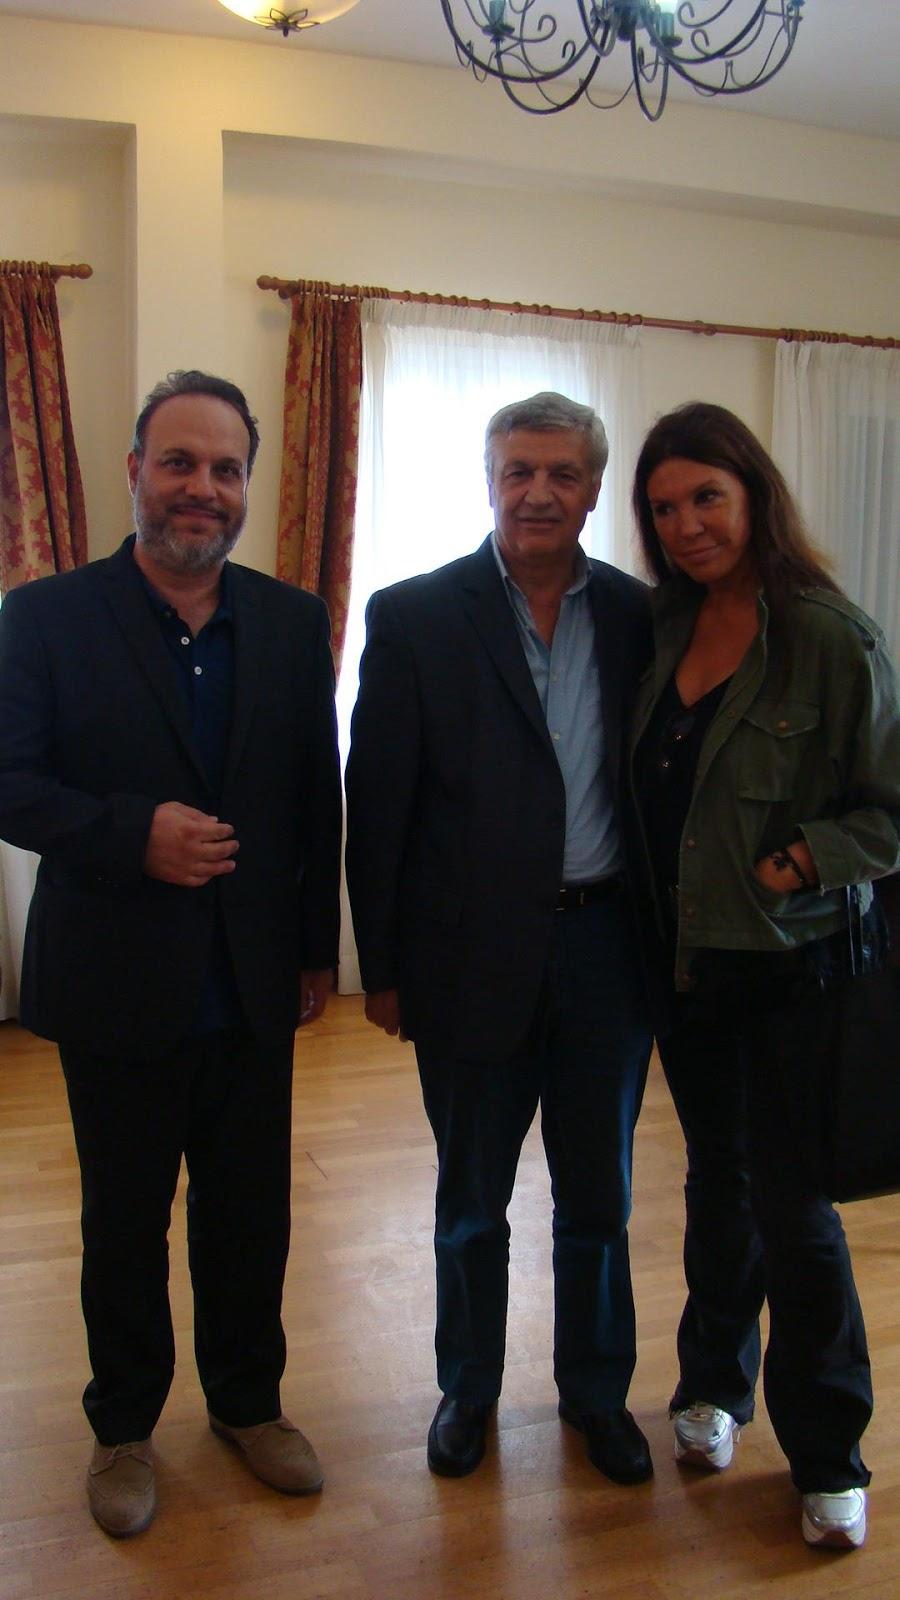 Στην Πρέβεζα βρέθηκε σήμερα η Ηπειρώτισσα ηθοποιός Βάνα Μπάρμπα